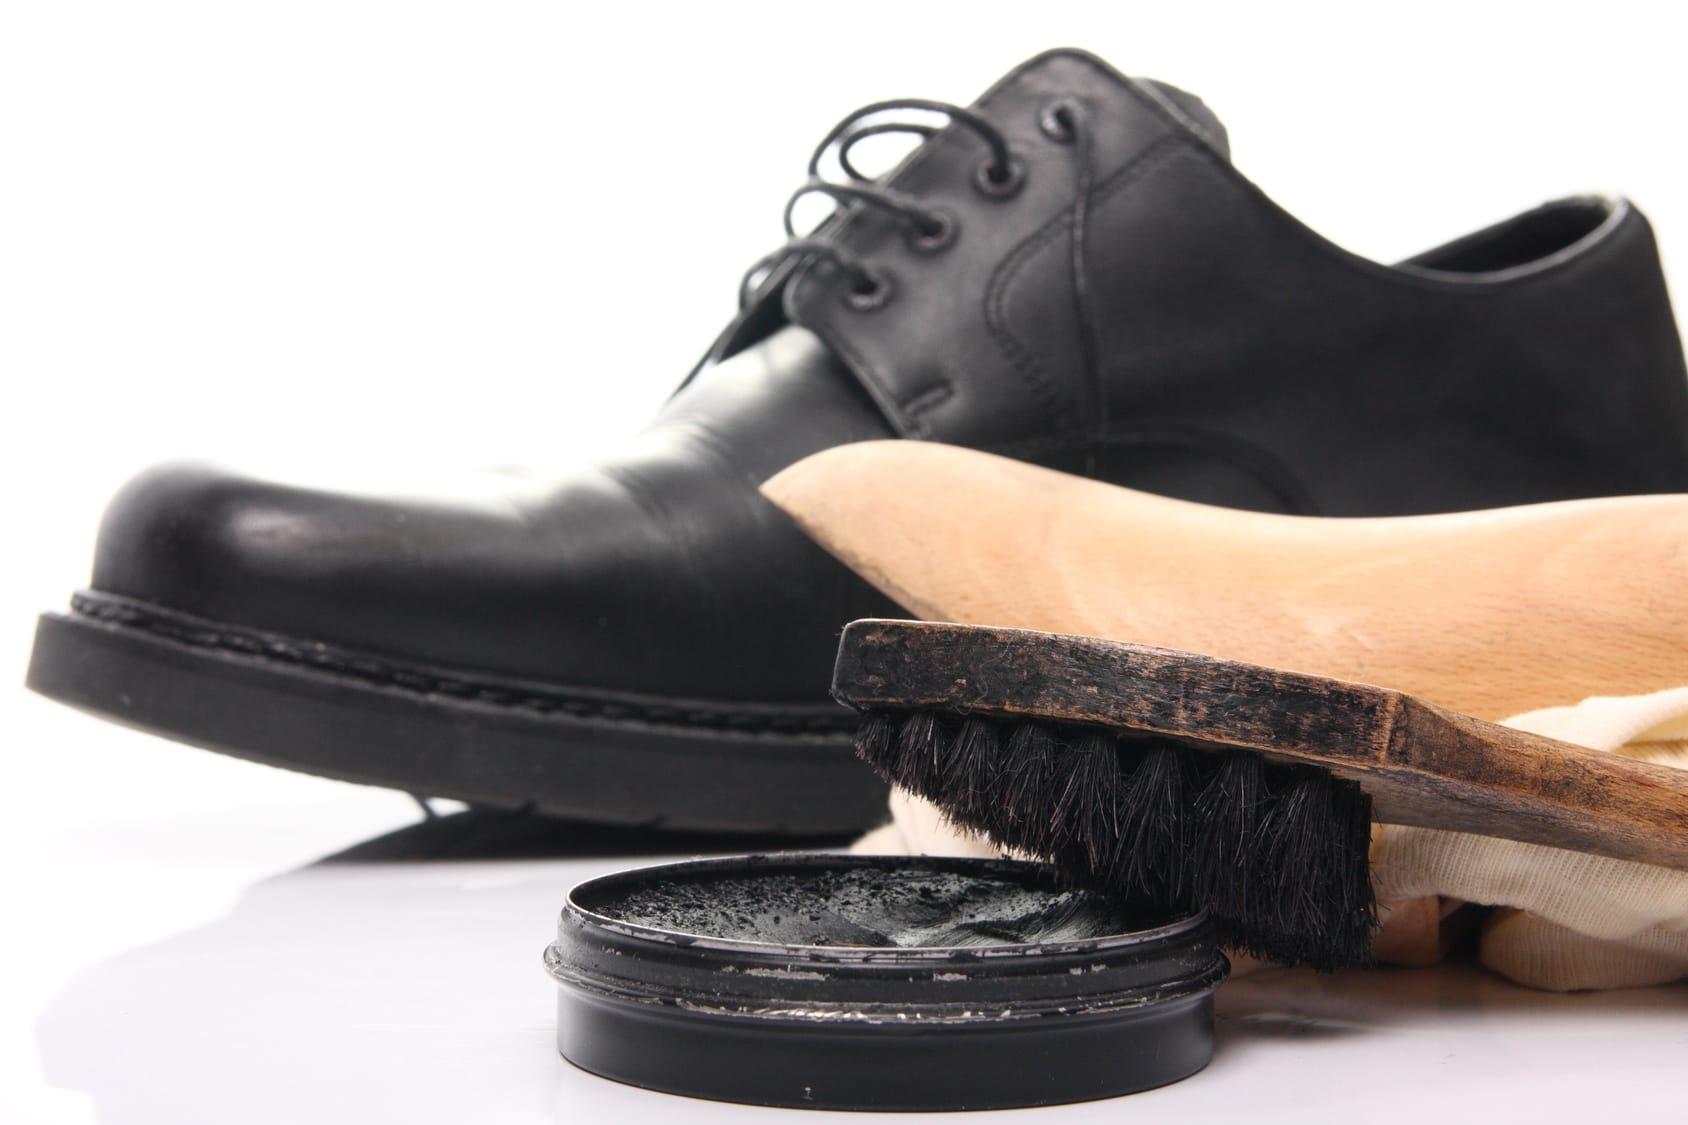 Eingetrocknete Schuhcreme – 2 Tipps wie sie wieder weich wird